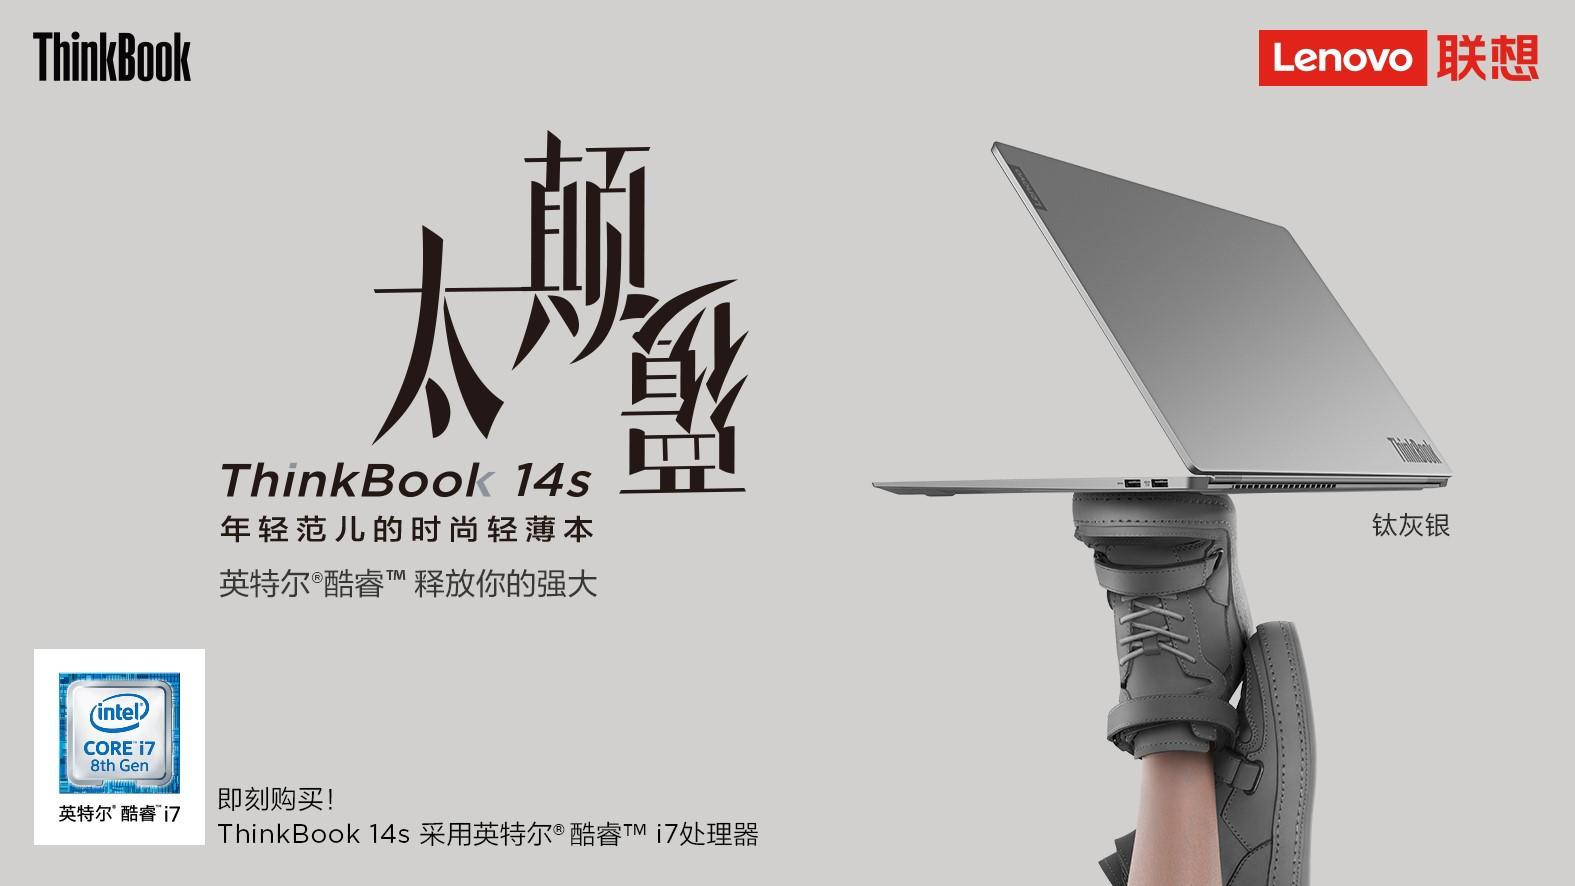 联想全新PC品牌ThinkBook开启新品预售,实力派颜控必选